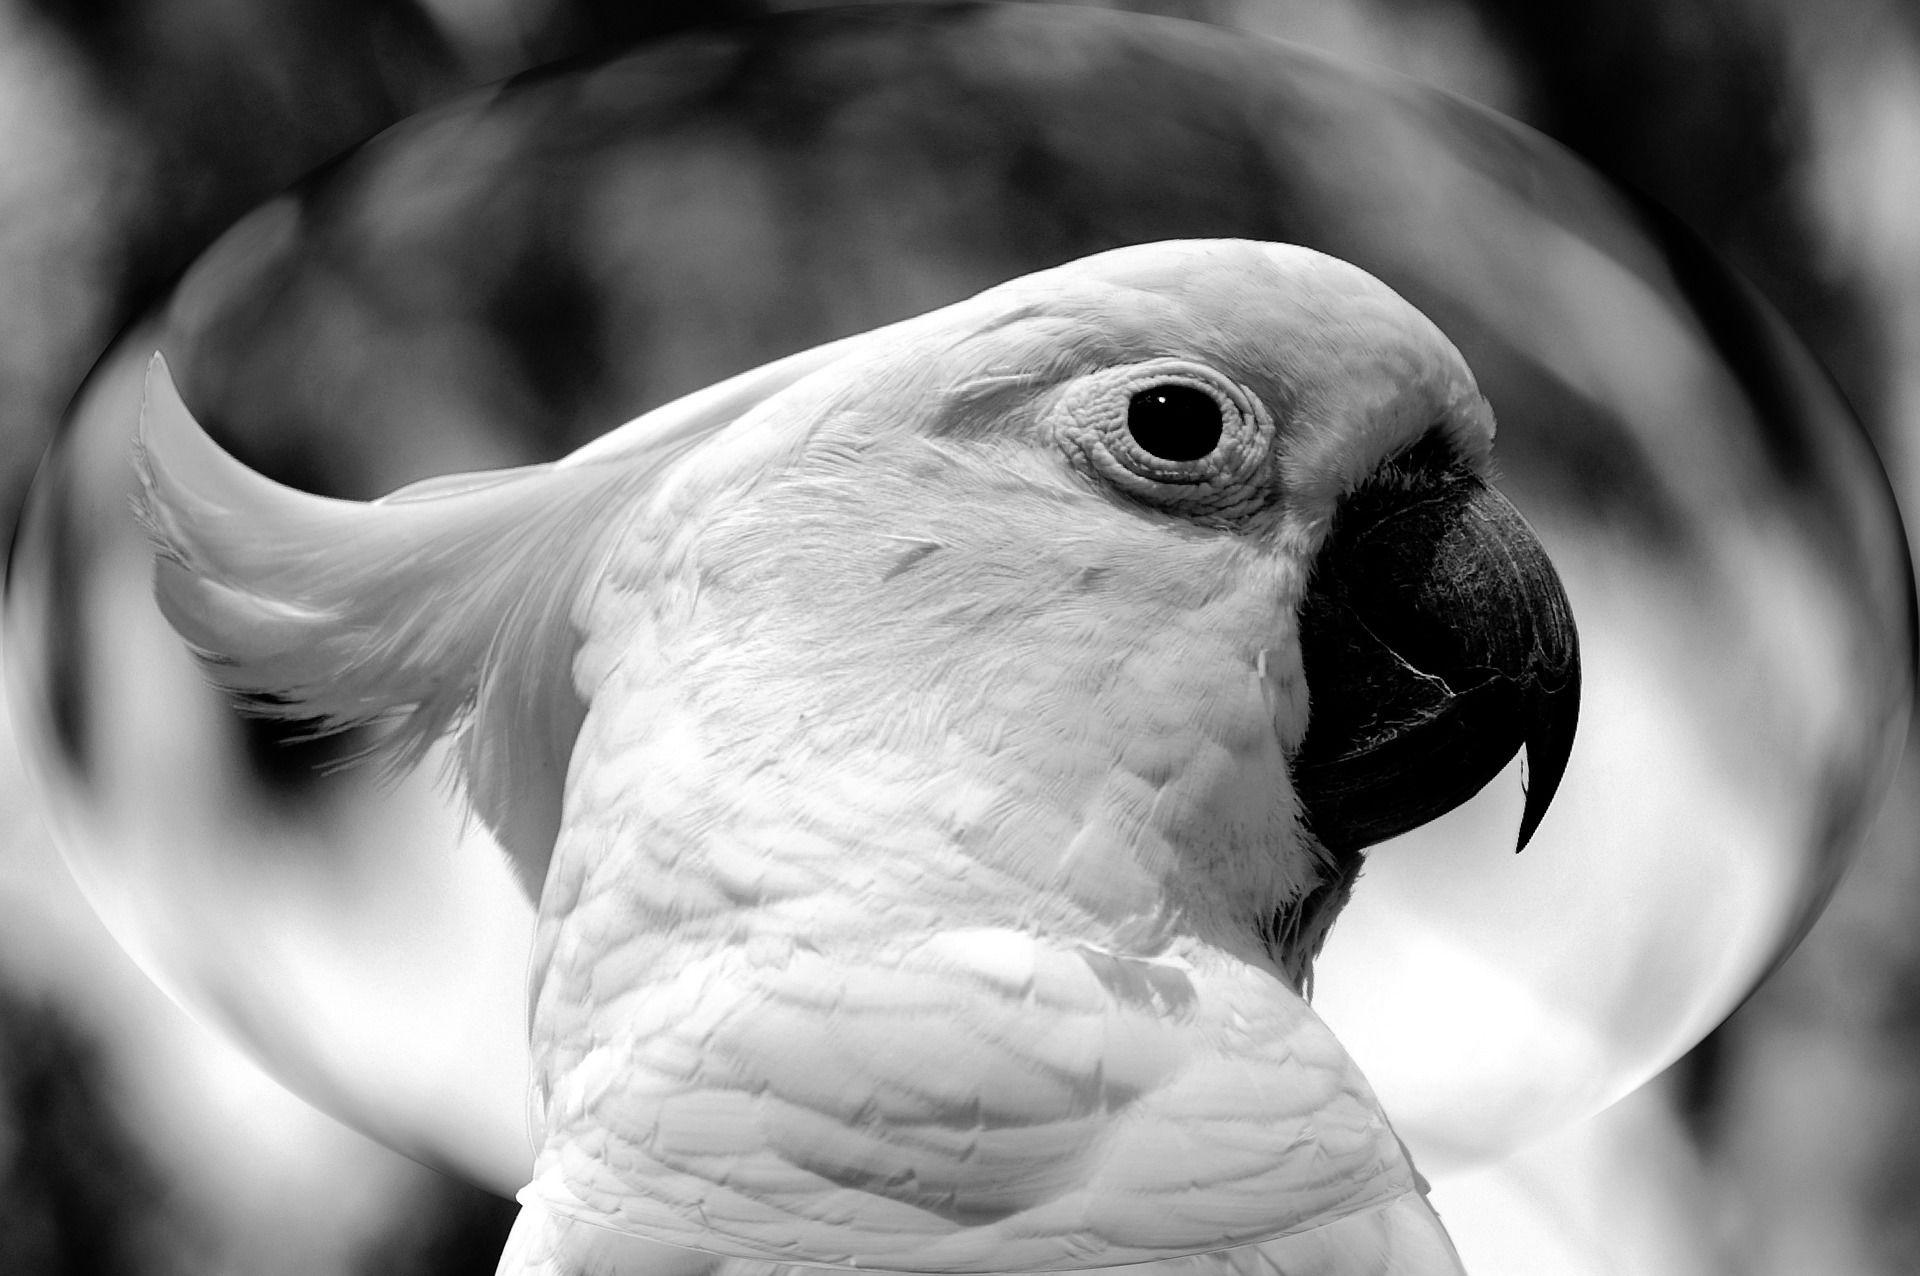 Скачать онлайн бесплатно интересное фото Какаду